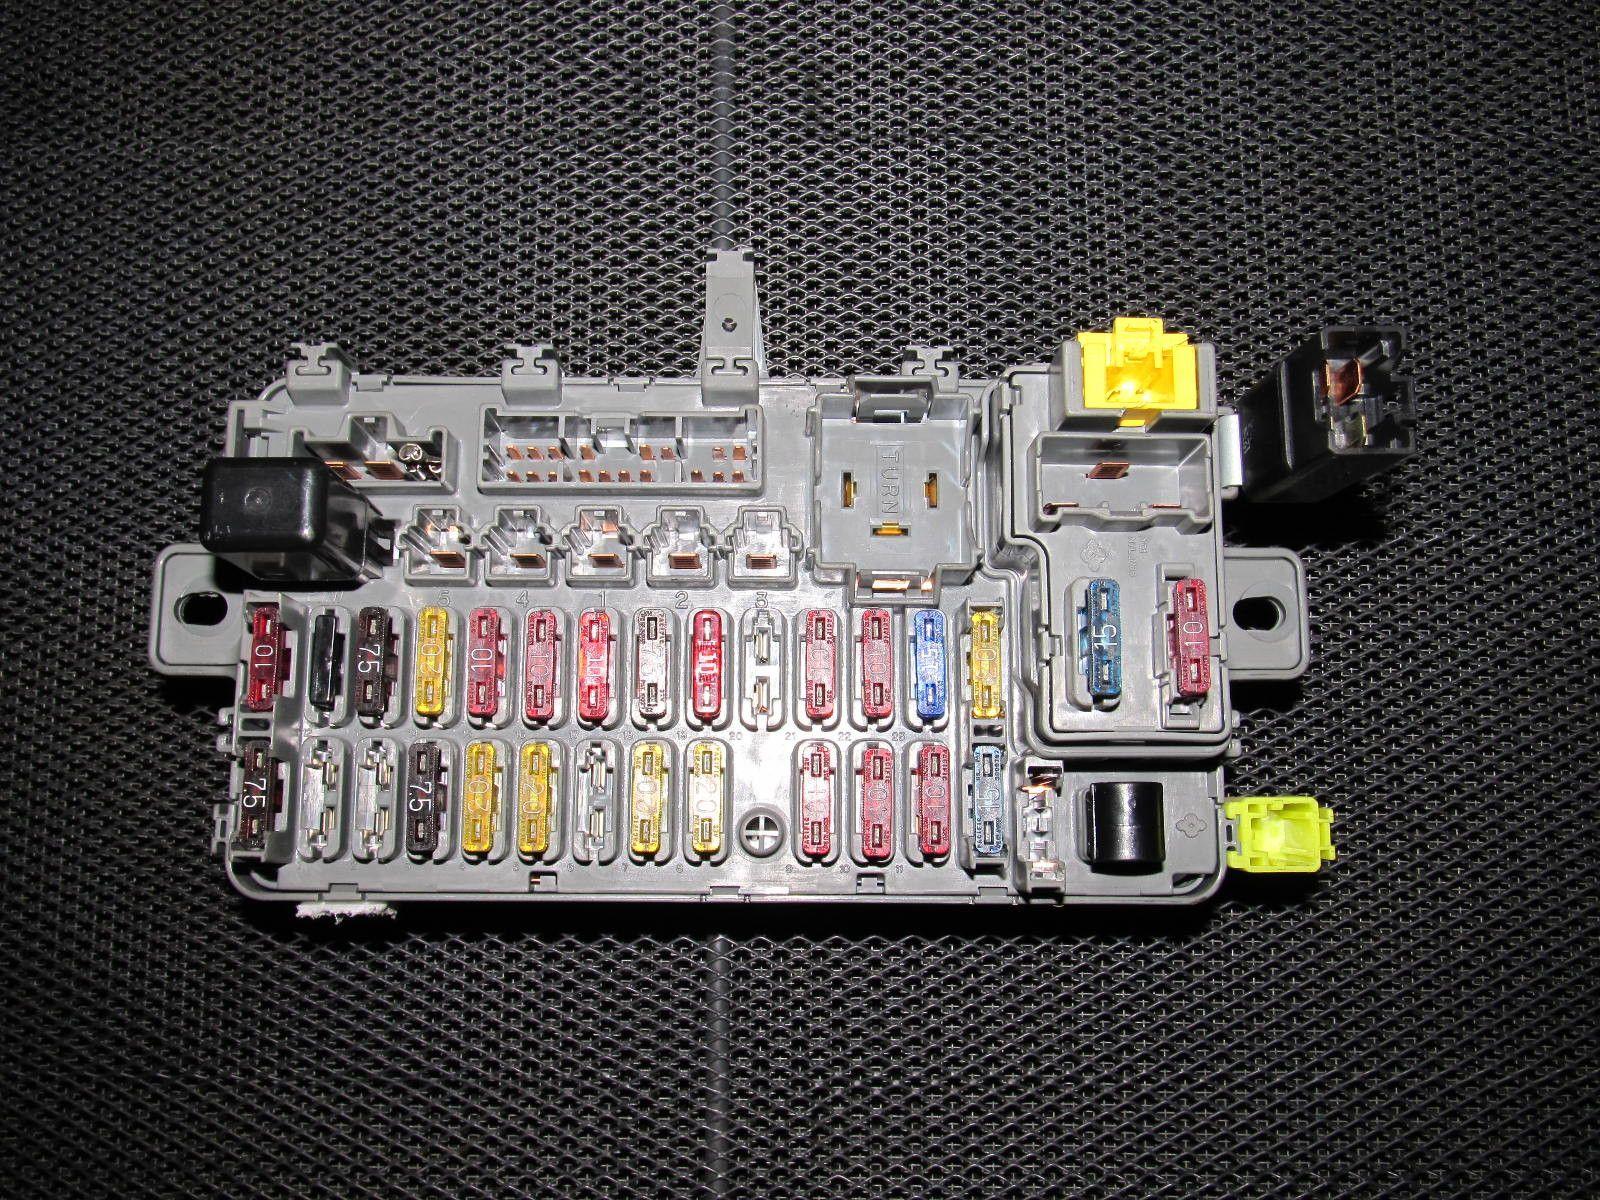 del sol fuse box wiring diagram inside 1993 honda del sol fuse box 93 94 95 [ 1600 x 1200 Pixel ]